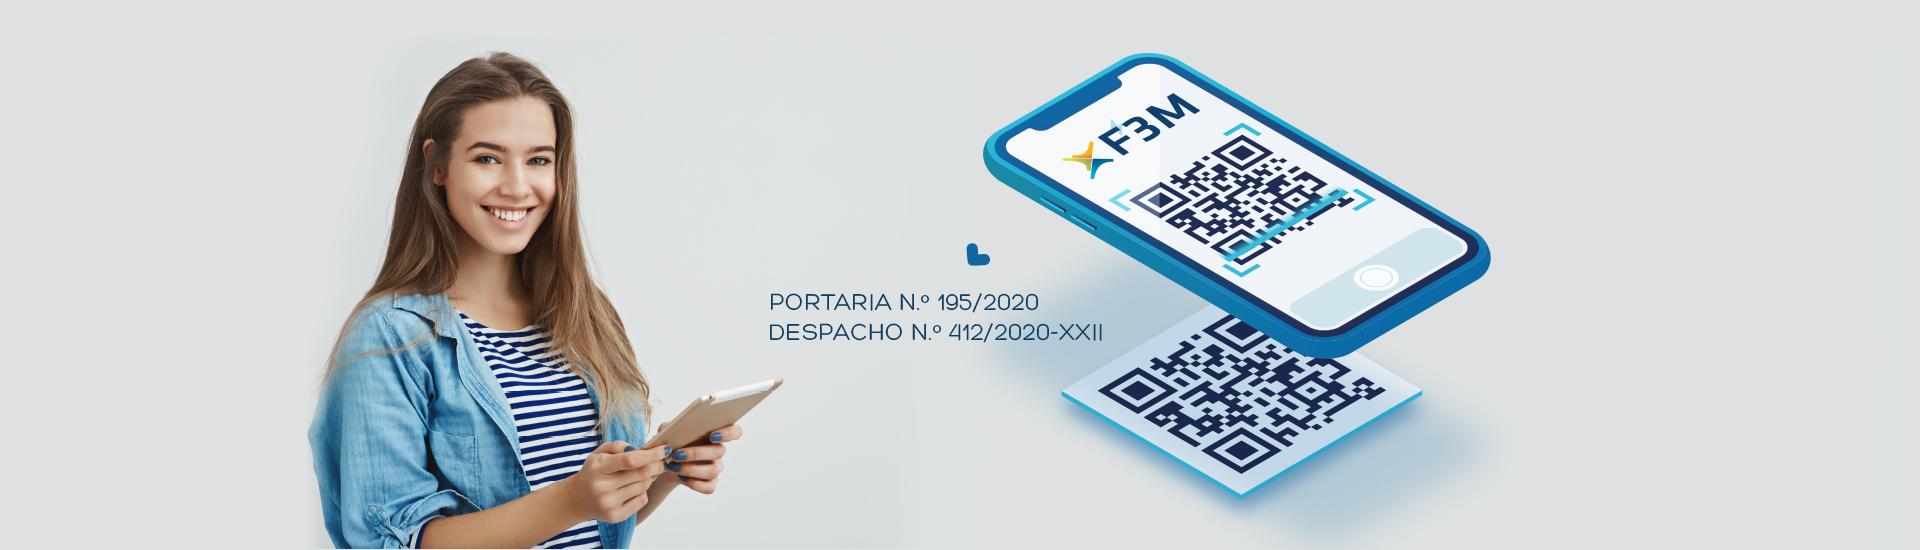 F3M apoia entidades do Setor Social no processo de transição para novas regras ao nível da faturação